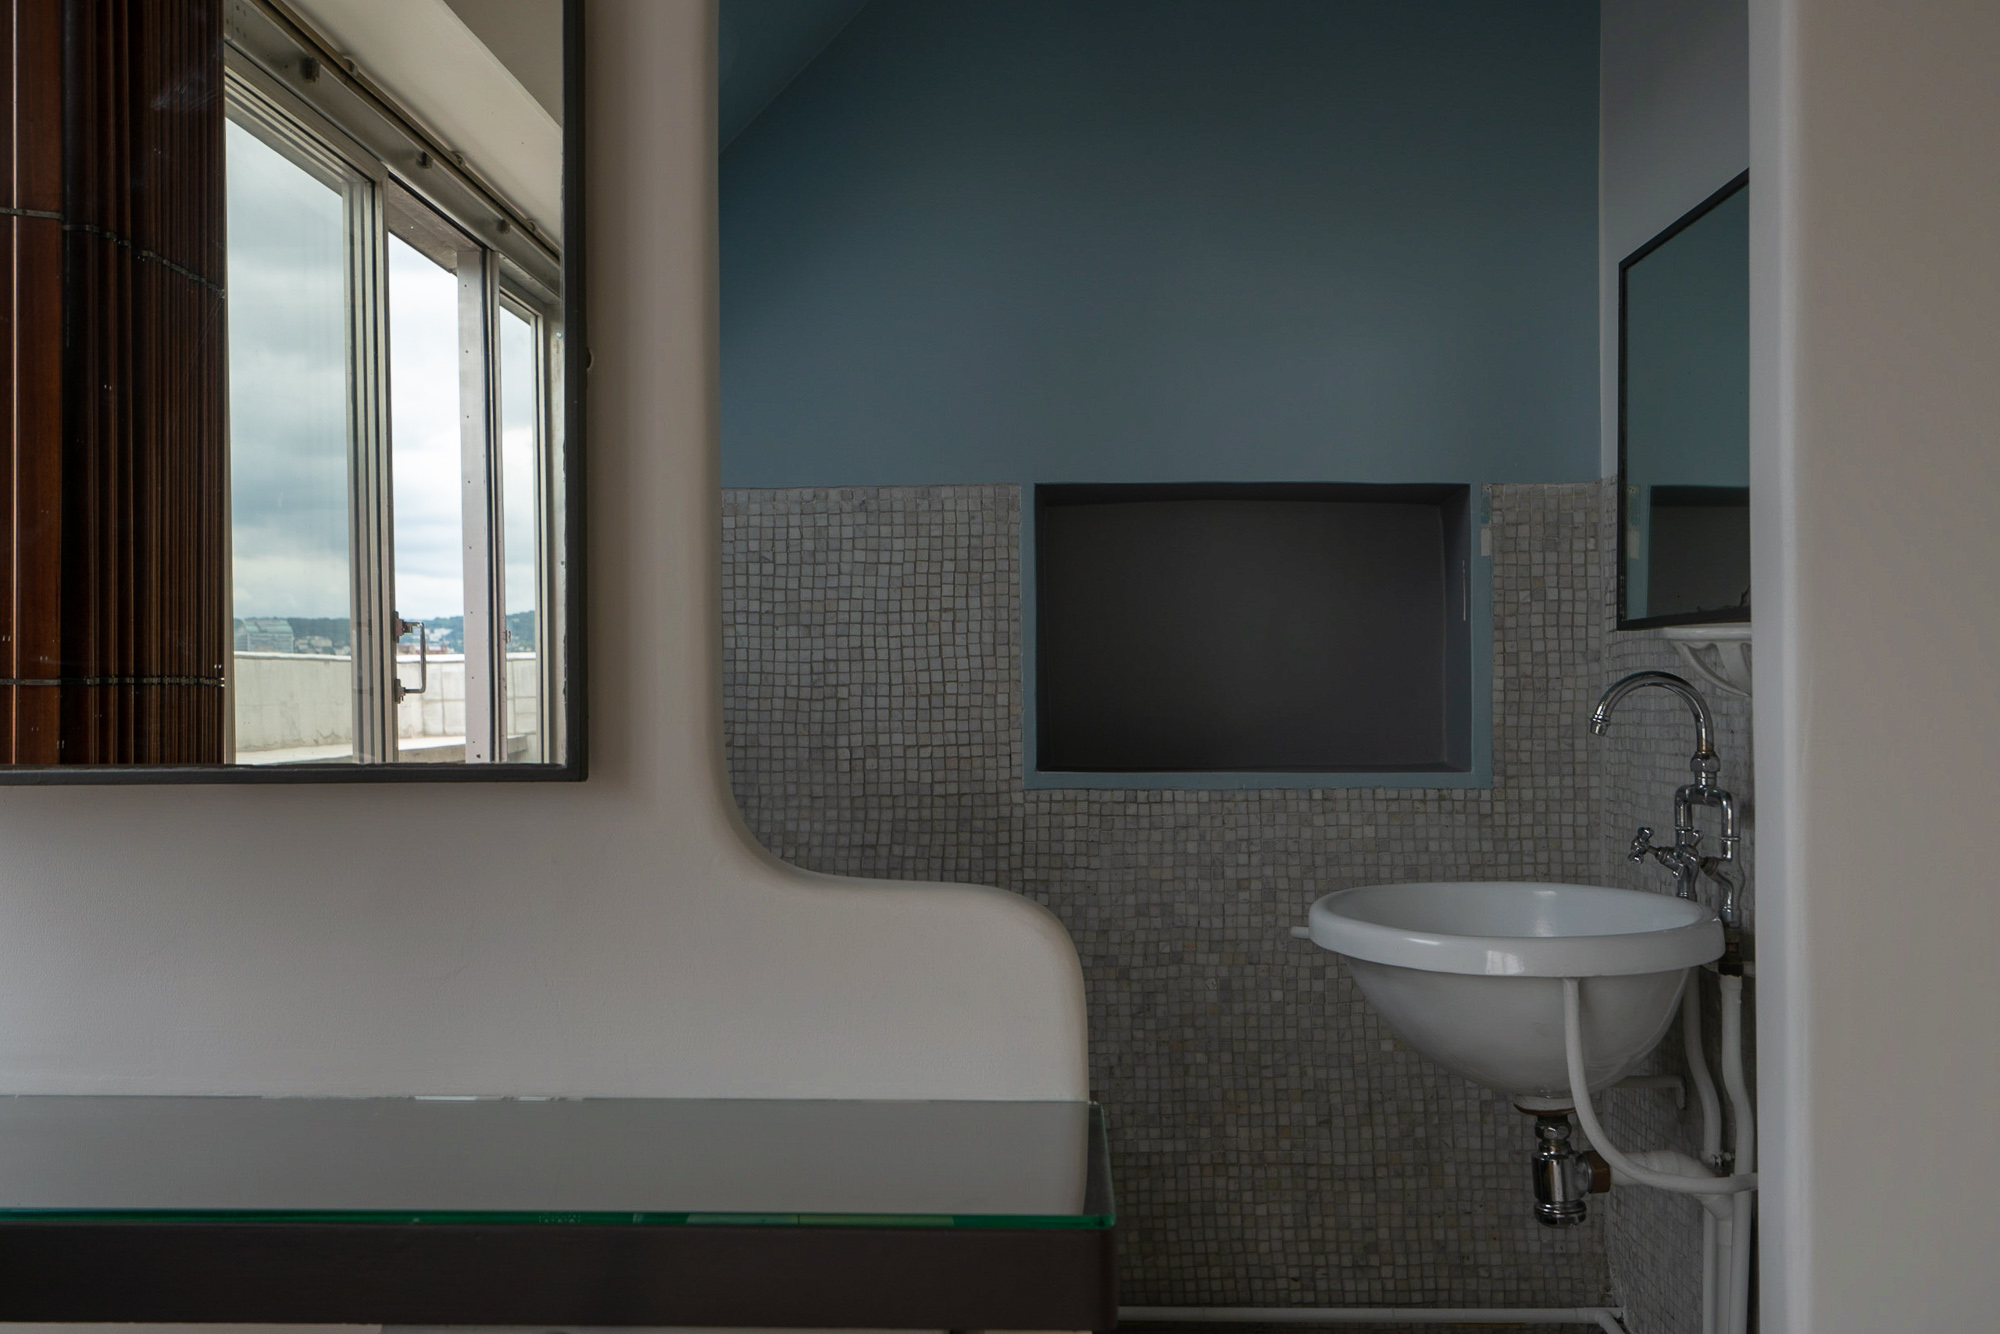 Atelier Le Corbusier